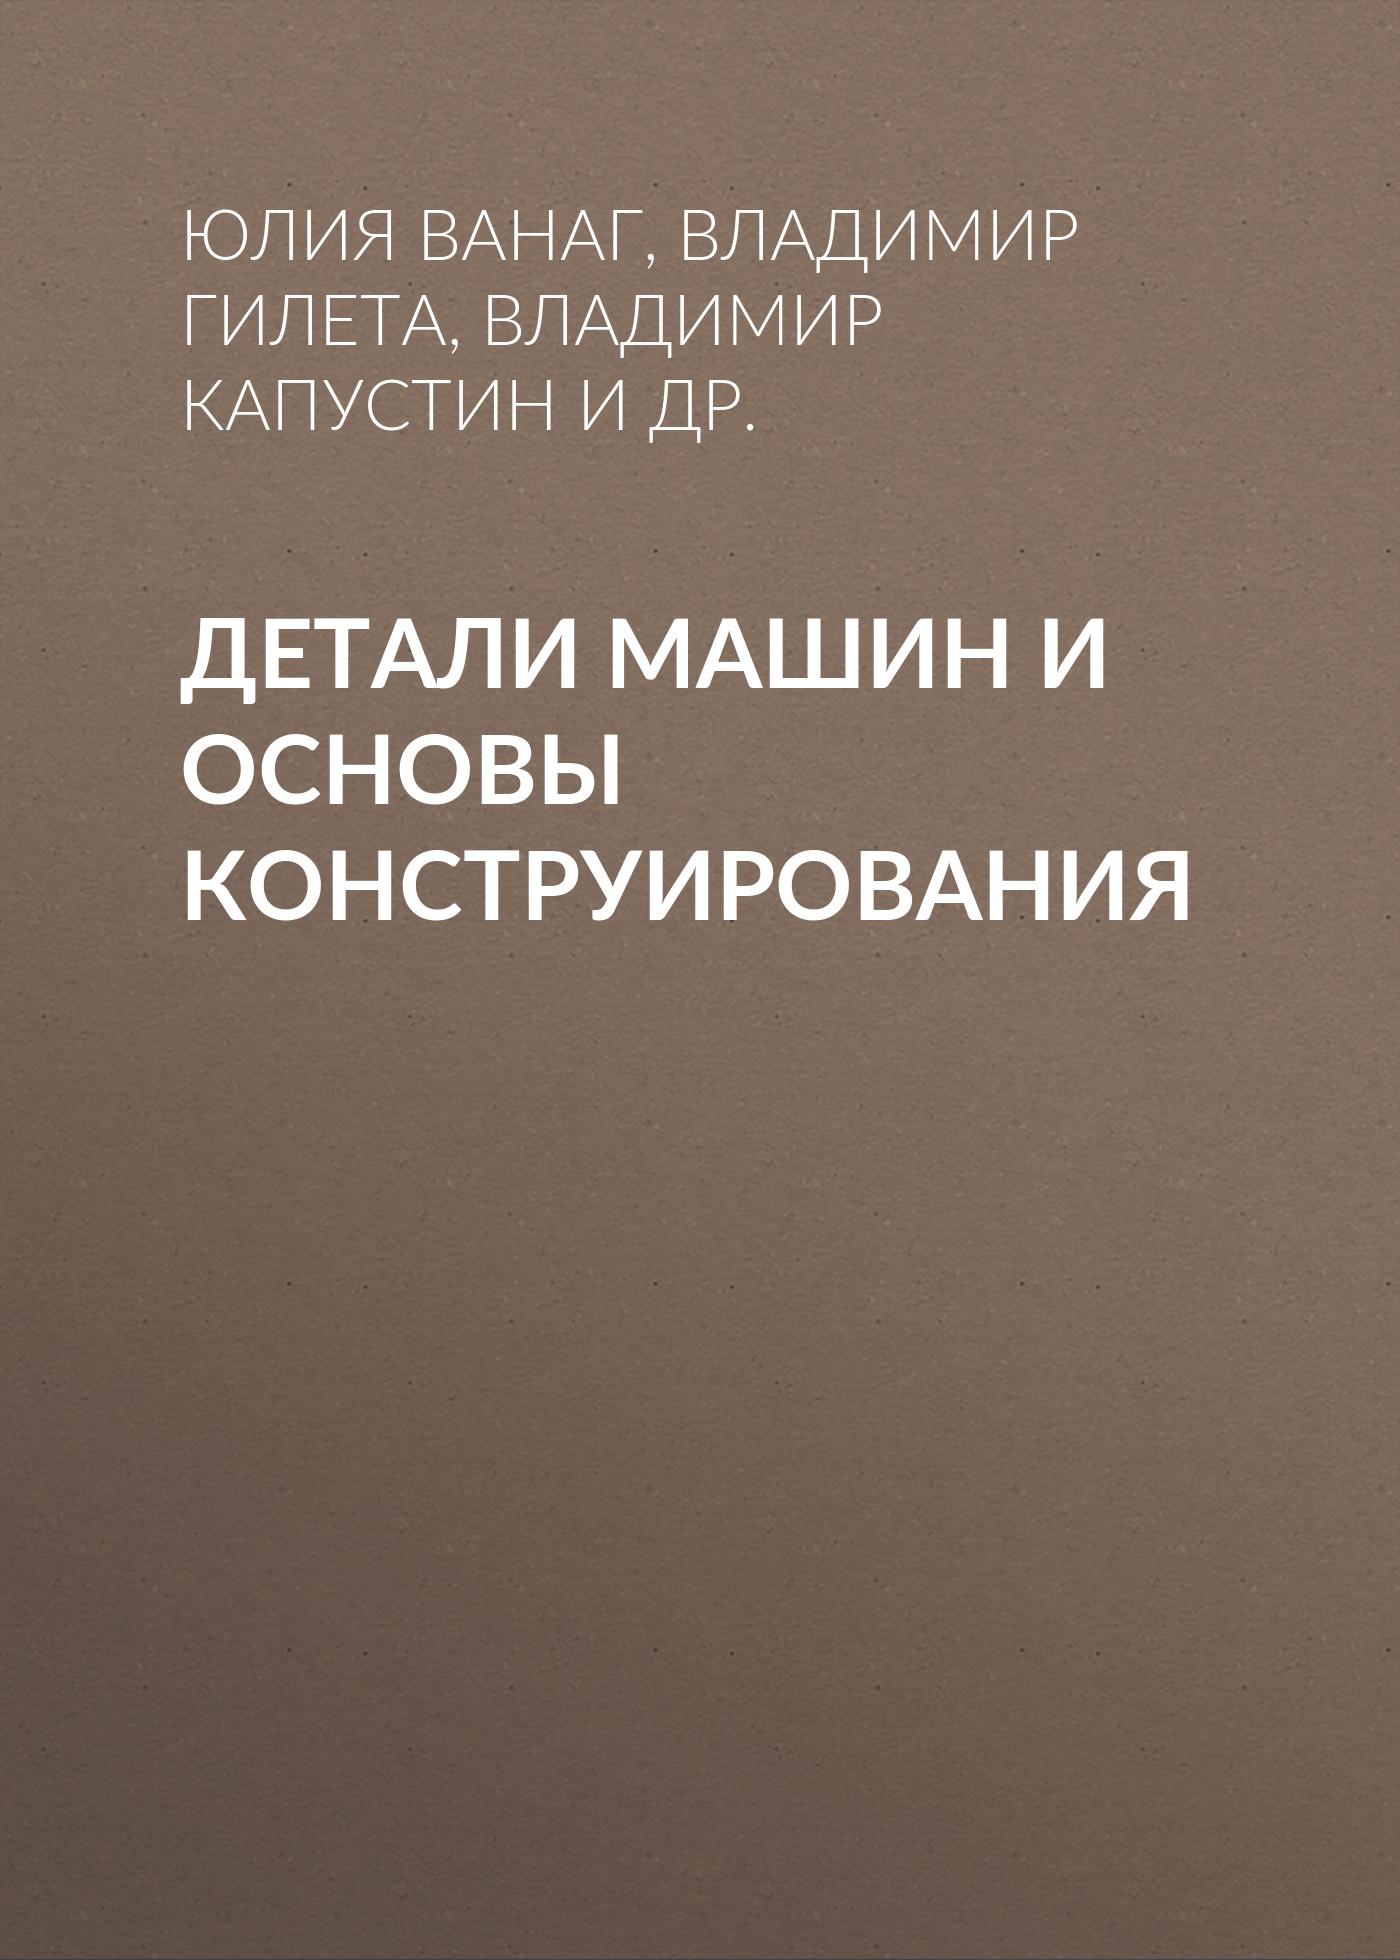 Владимир Капустин Детали машин и основы конструирования